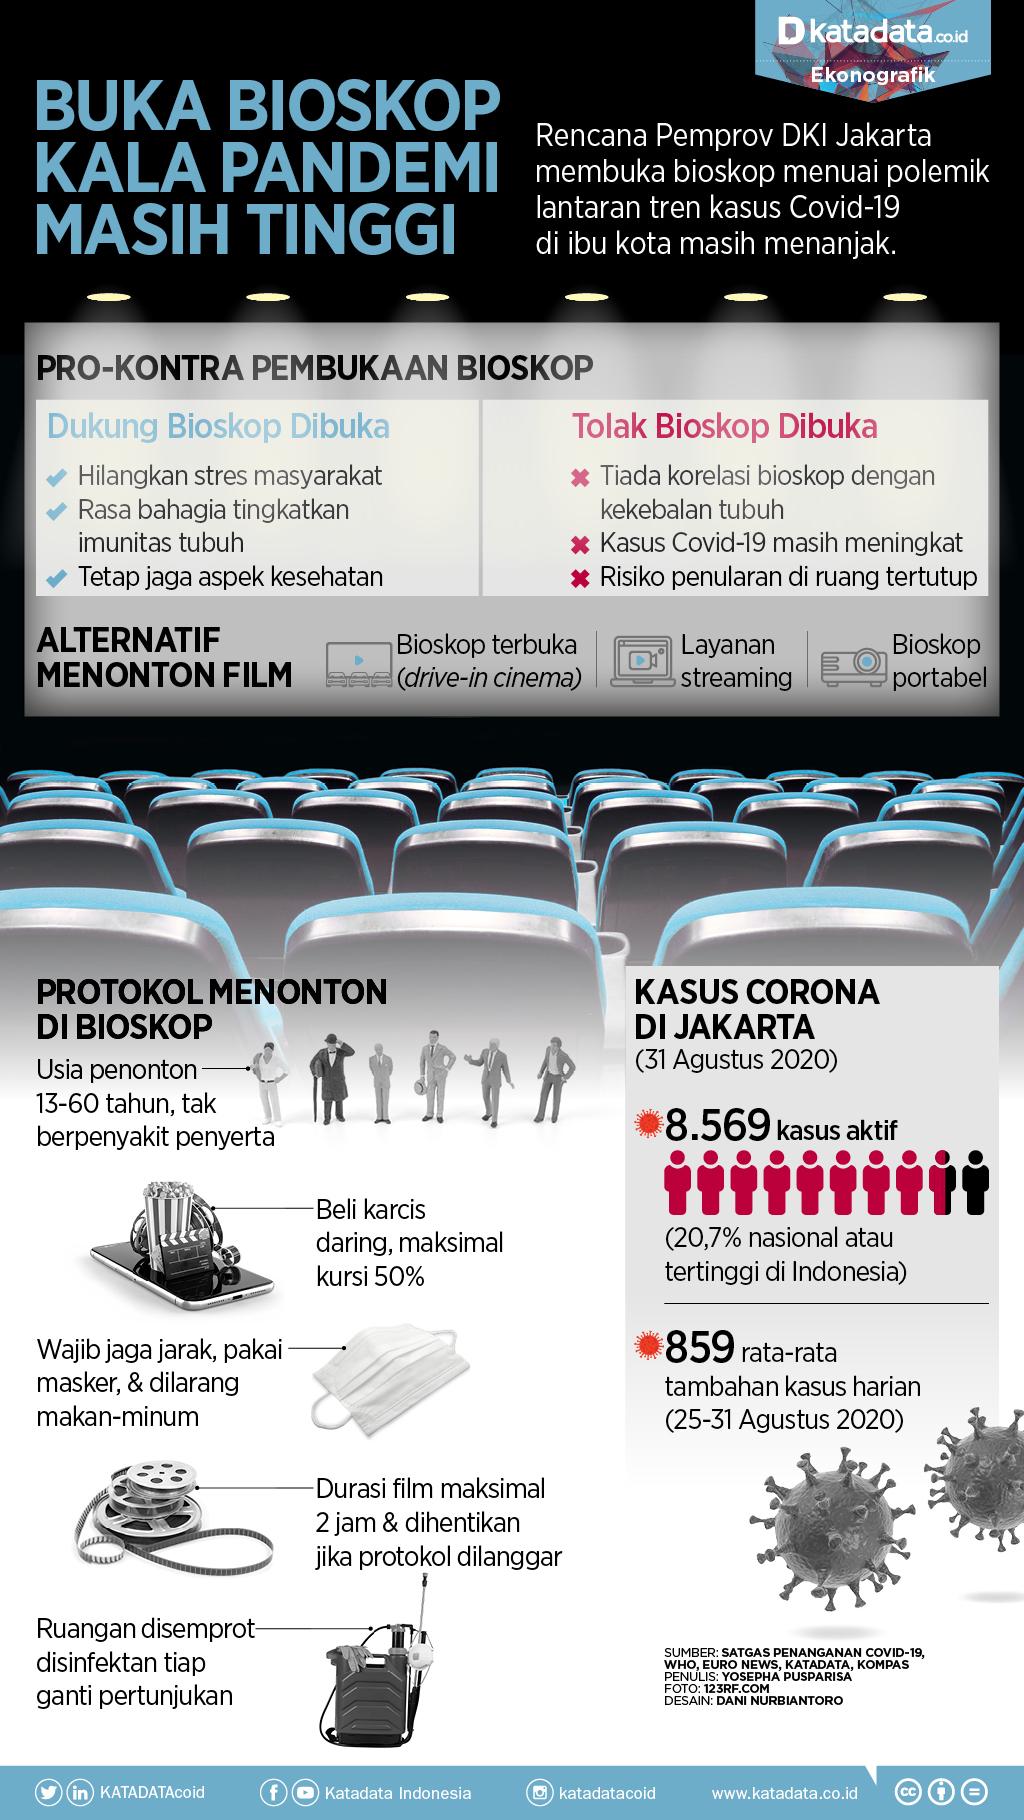 Buka bioskop